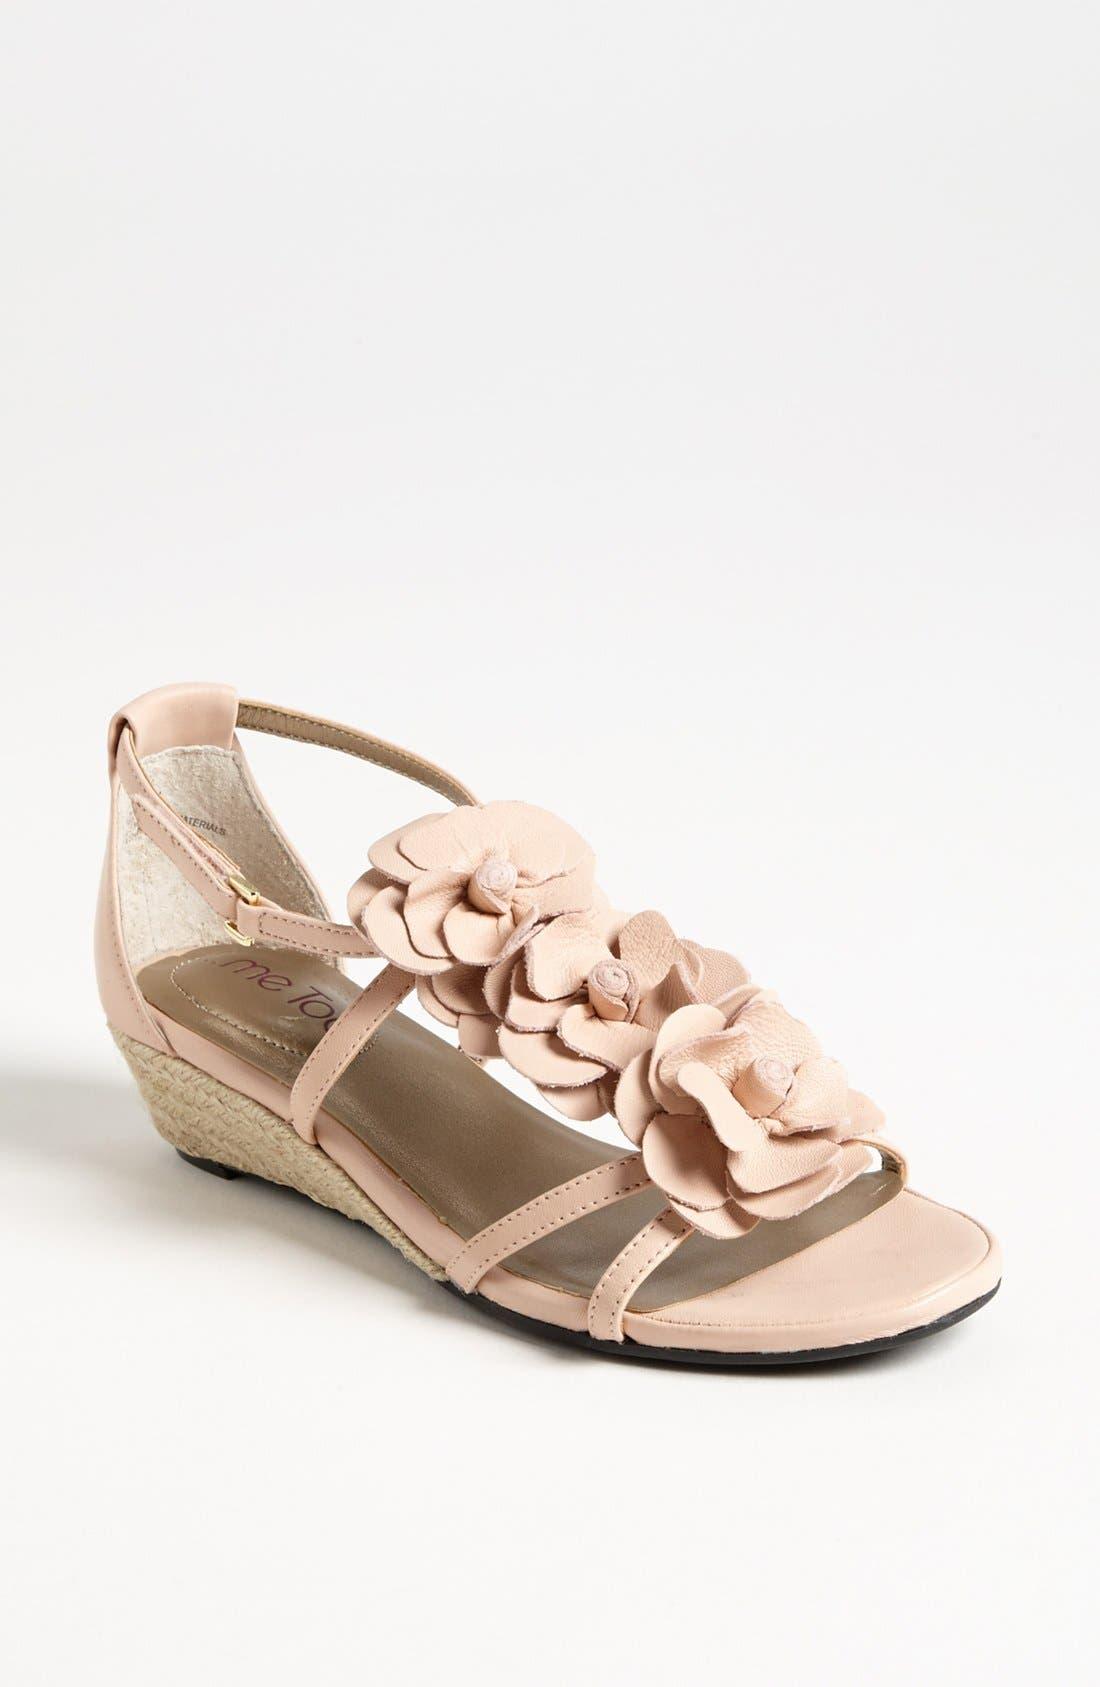 Main Image - Me Too 'Simona' Wedge Sandal